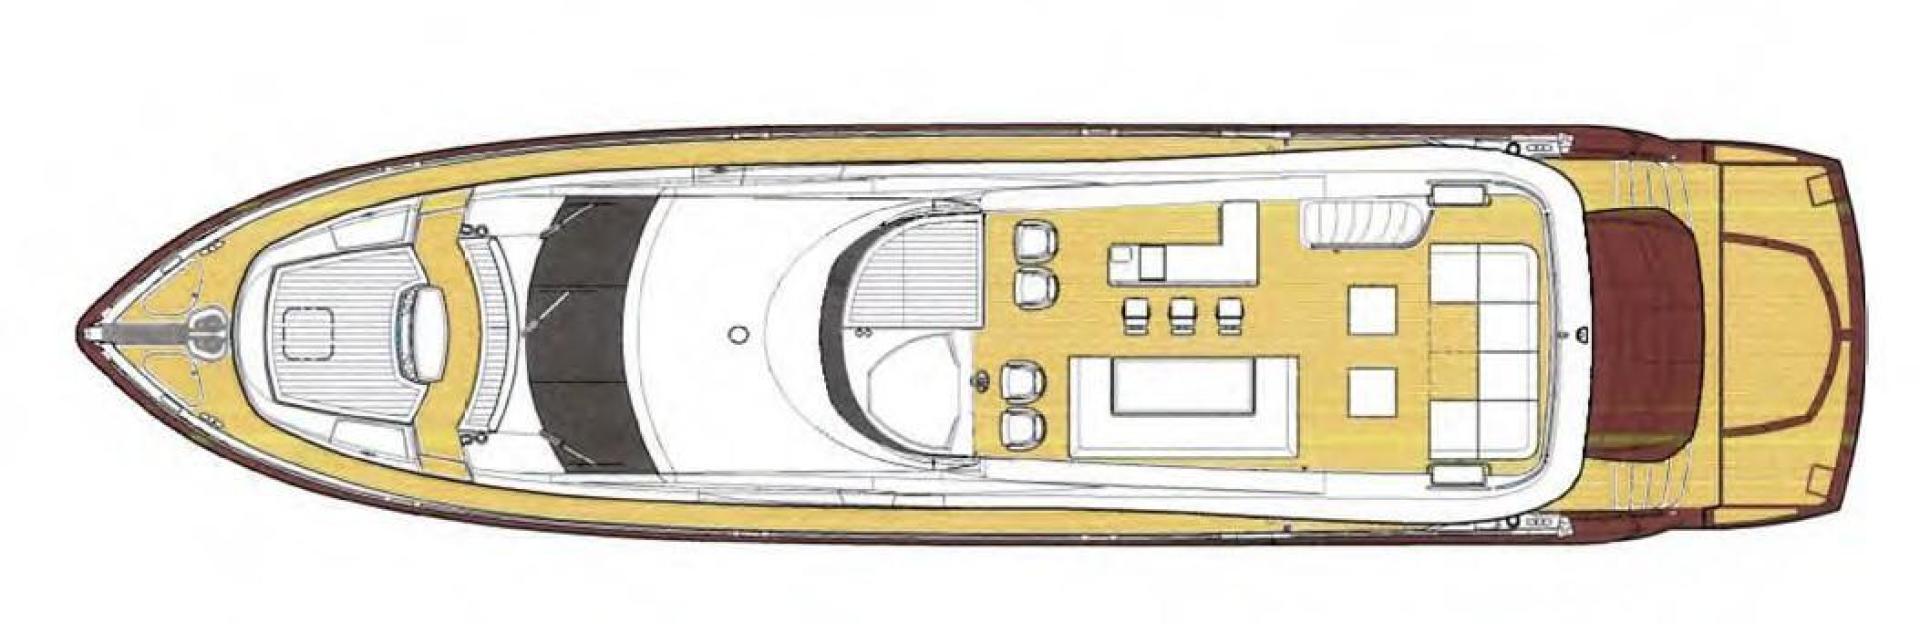 Sunseeker-Flybridge Motoryacht 2009-ANNABEL Mallorca-Spain-Flybridge Layout-902632 | Thumbnail